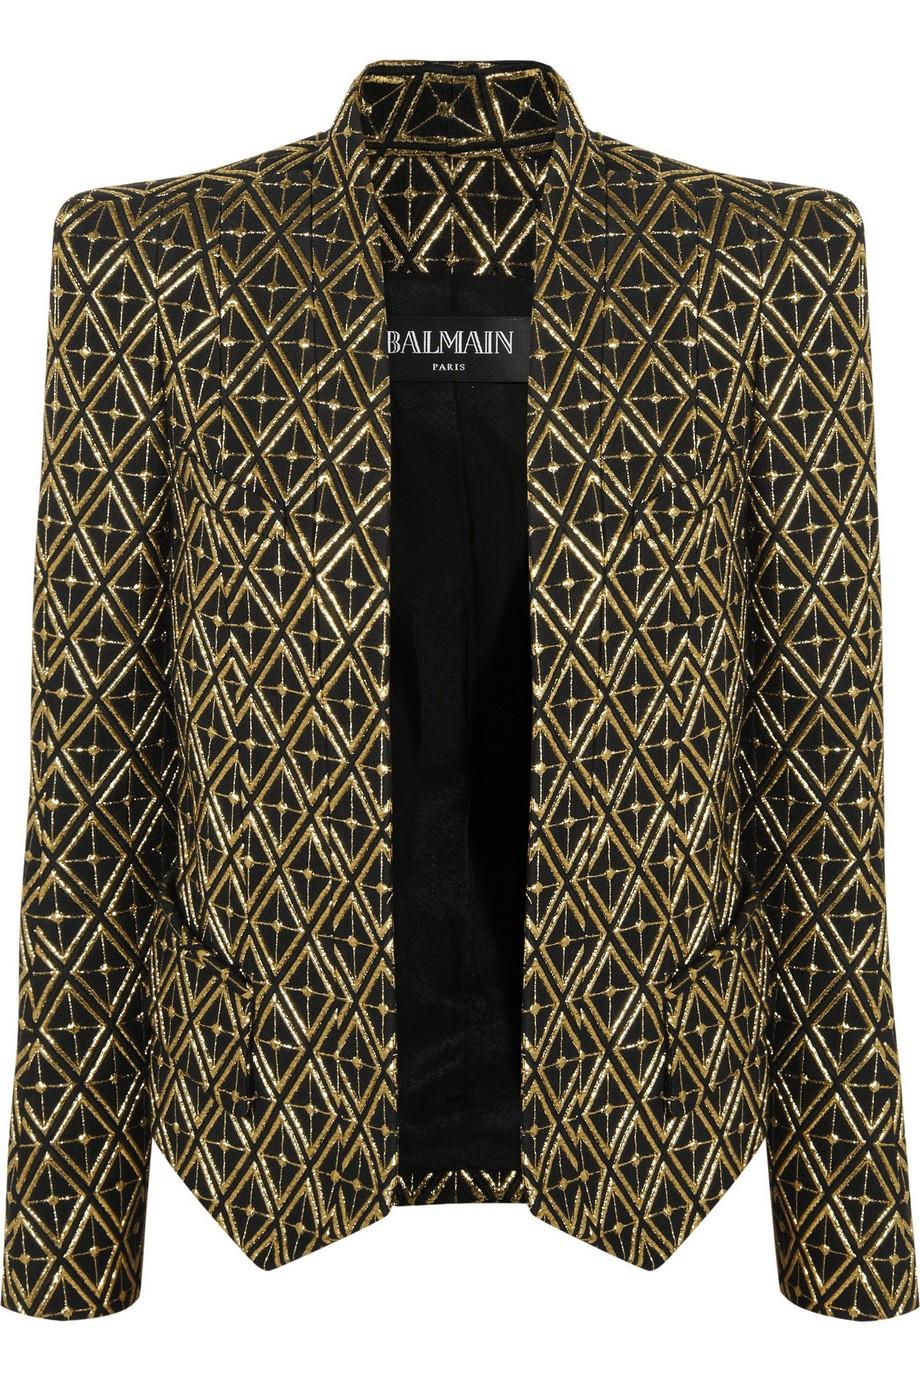 Metallic embroidered twill blazer